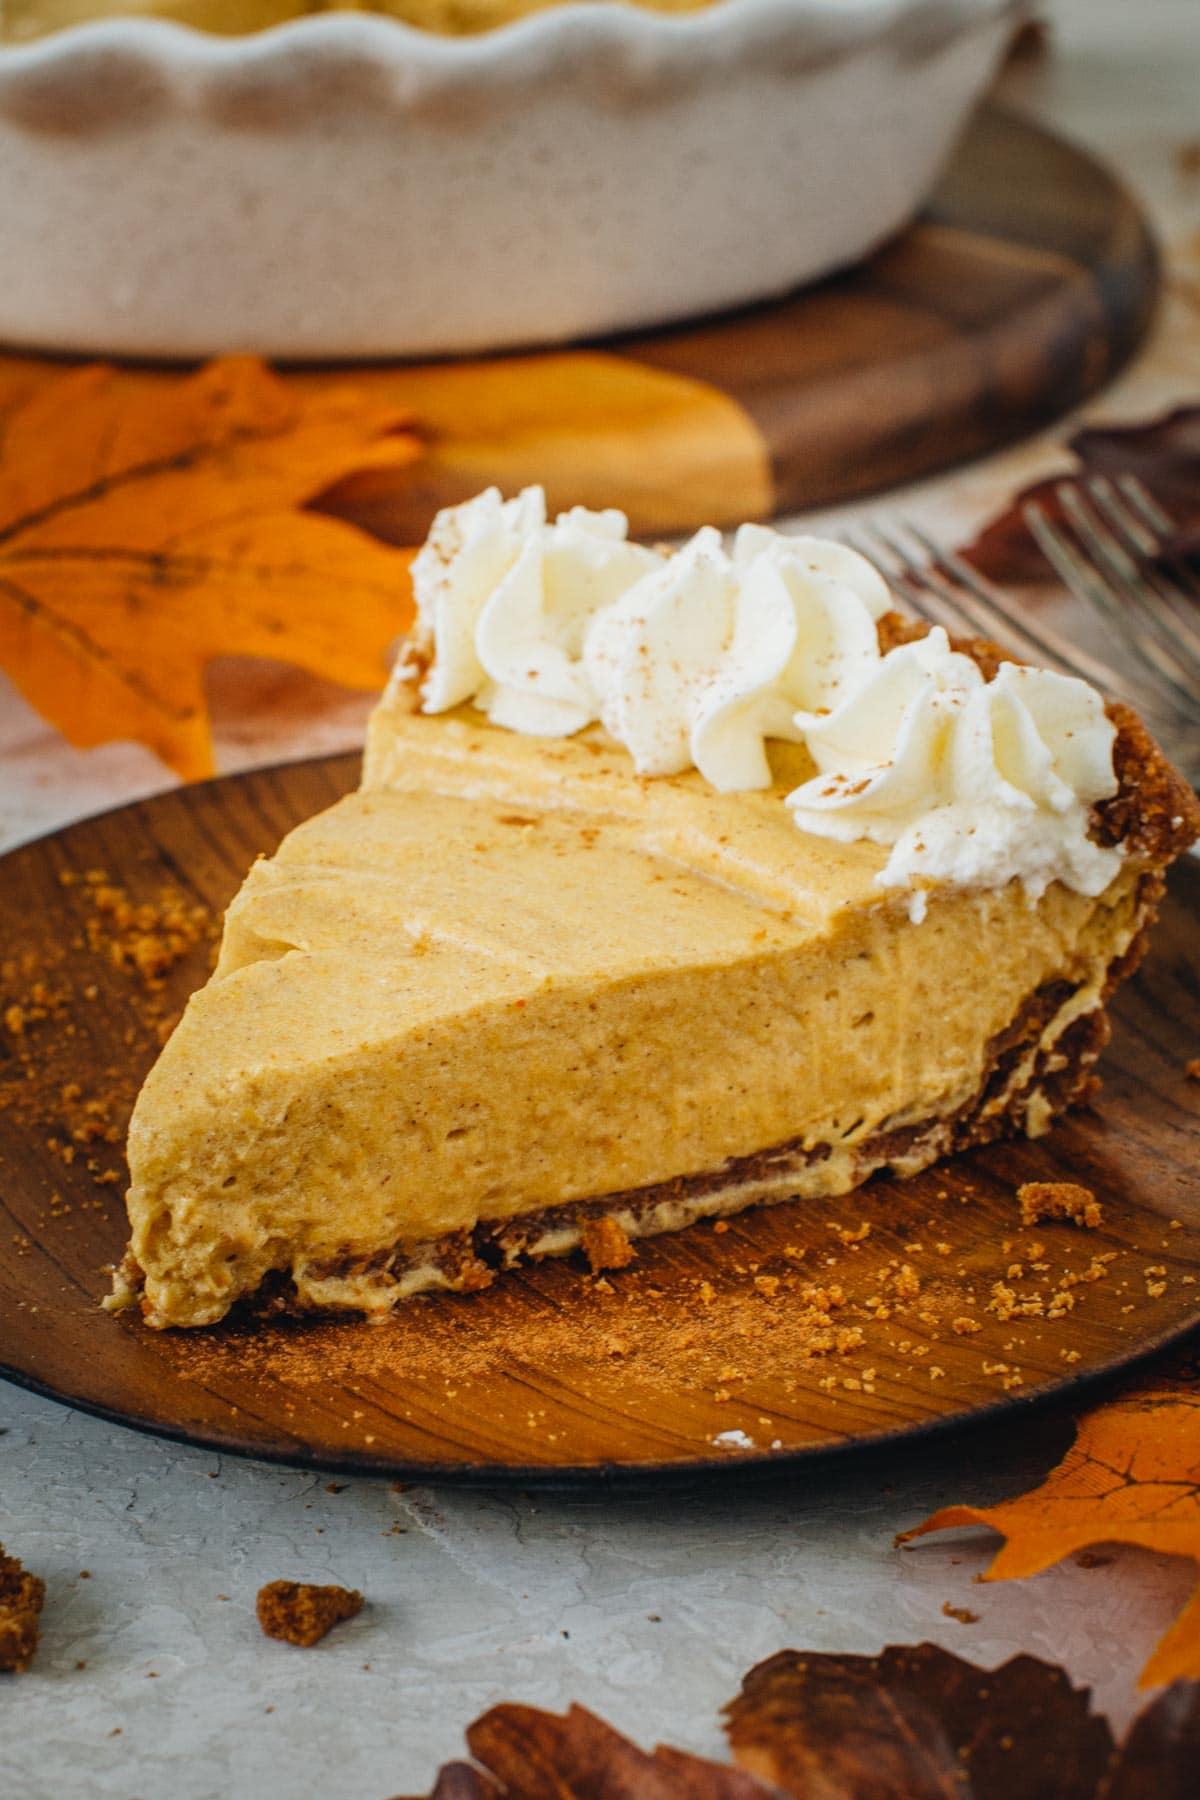 No-bake pumpkin pie with a graham cracker crust on a wooden plate.